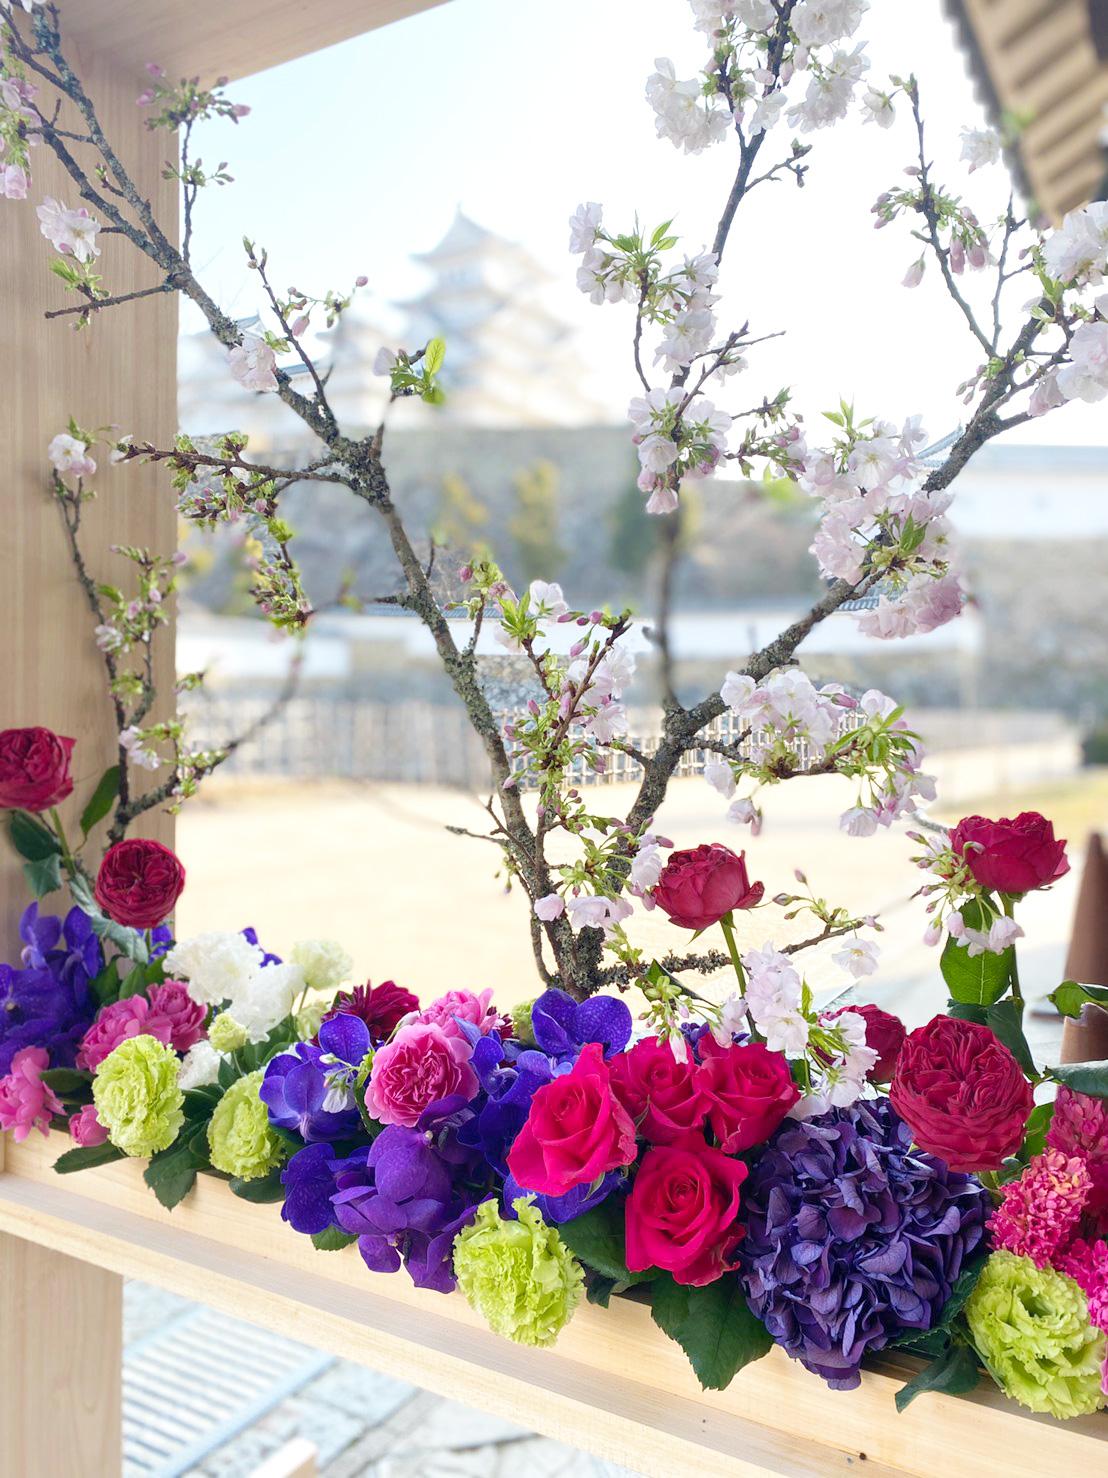 桜咲く世界文化遺産・国宝姫路城「一足早いお花見気分を」